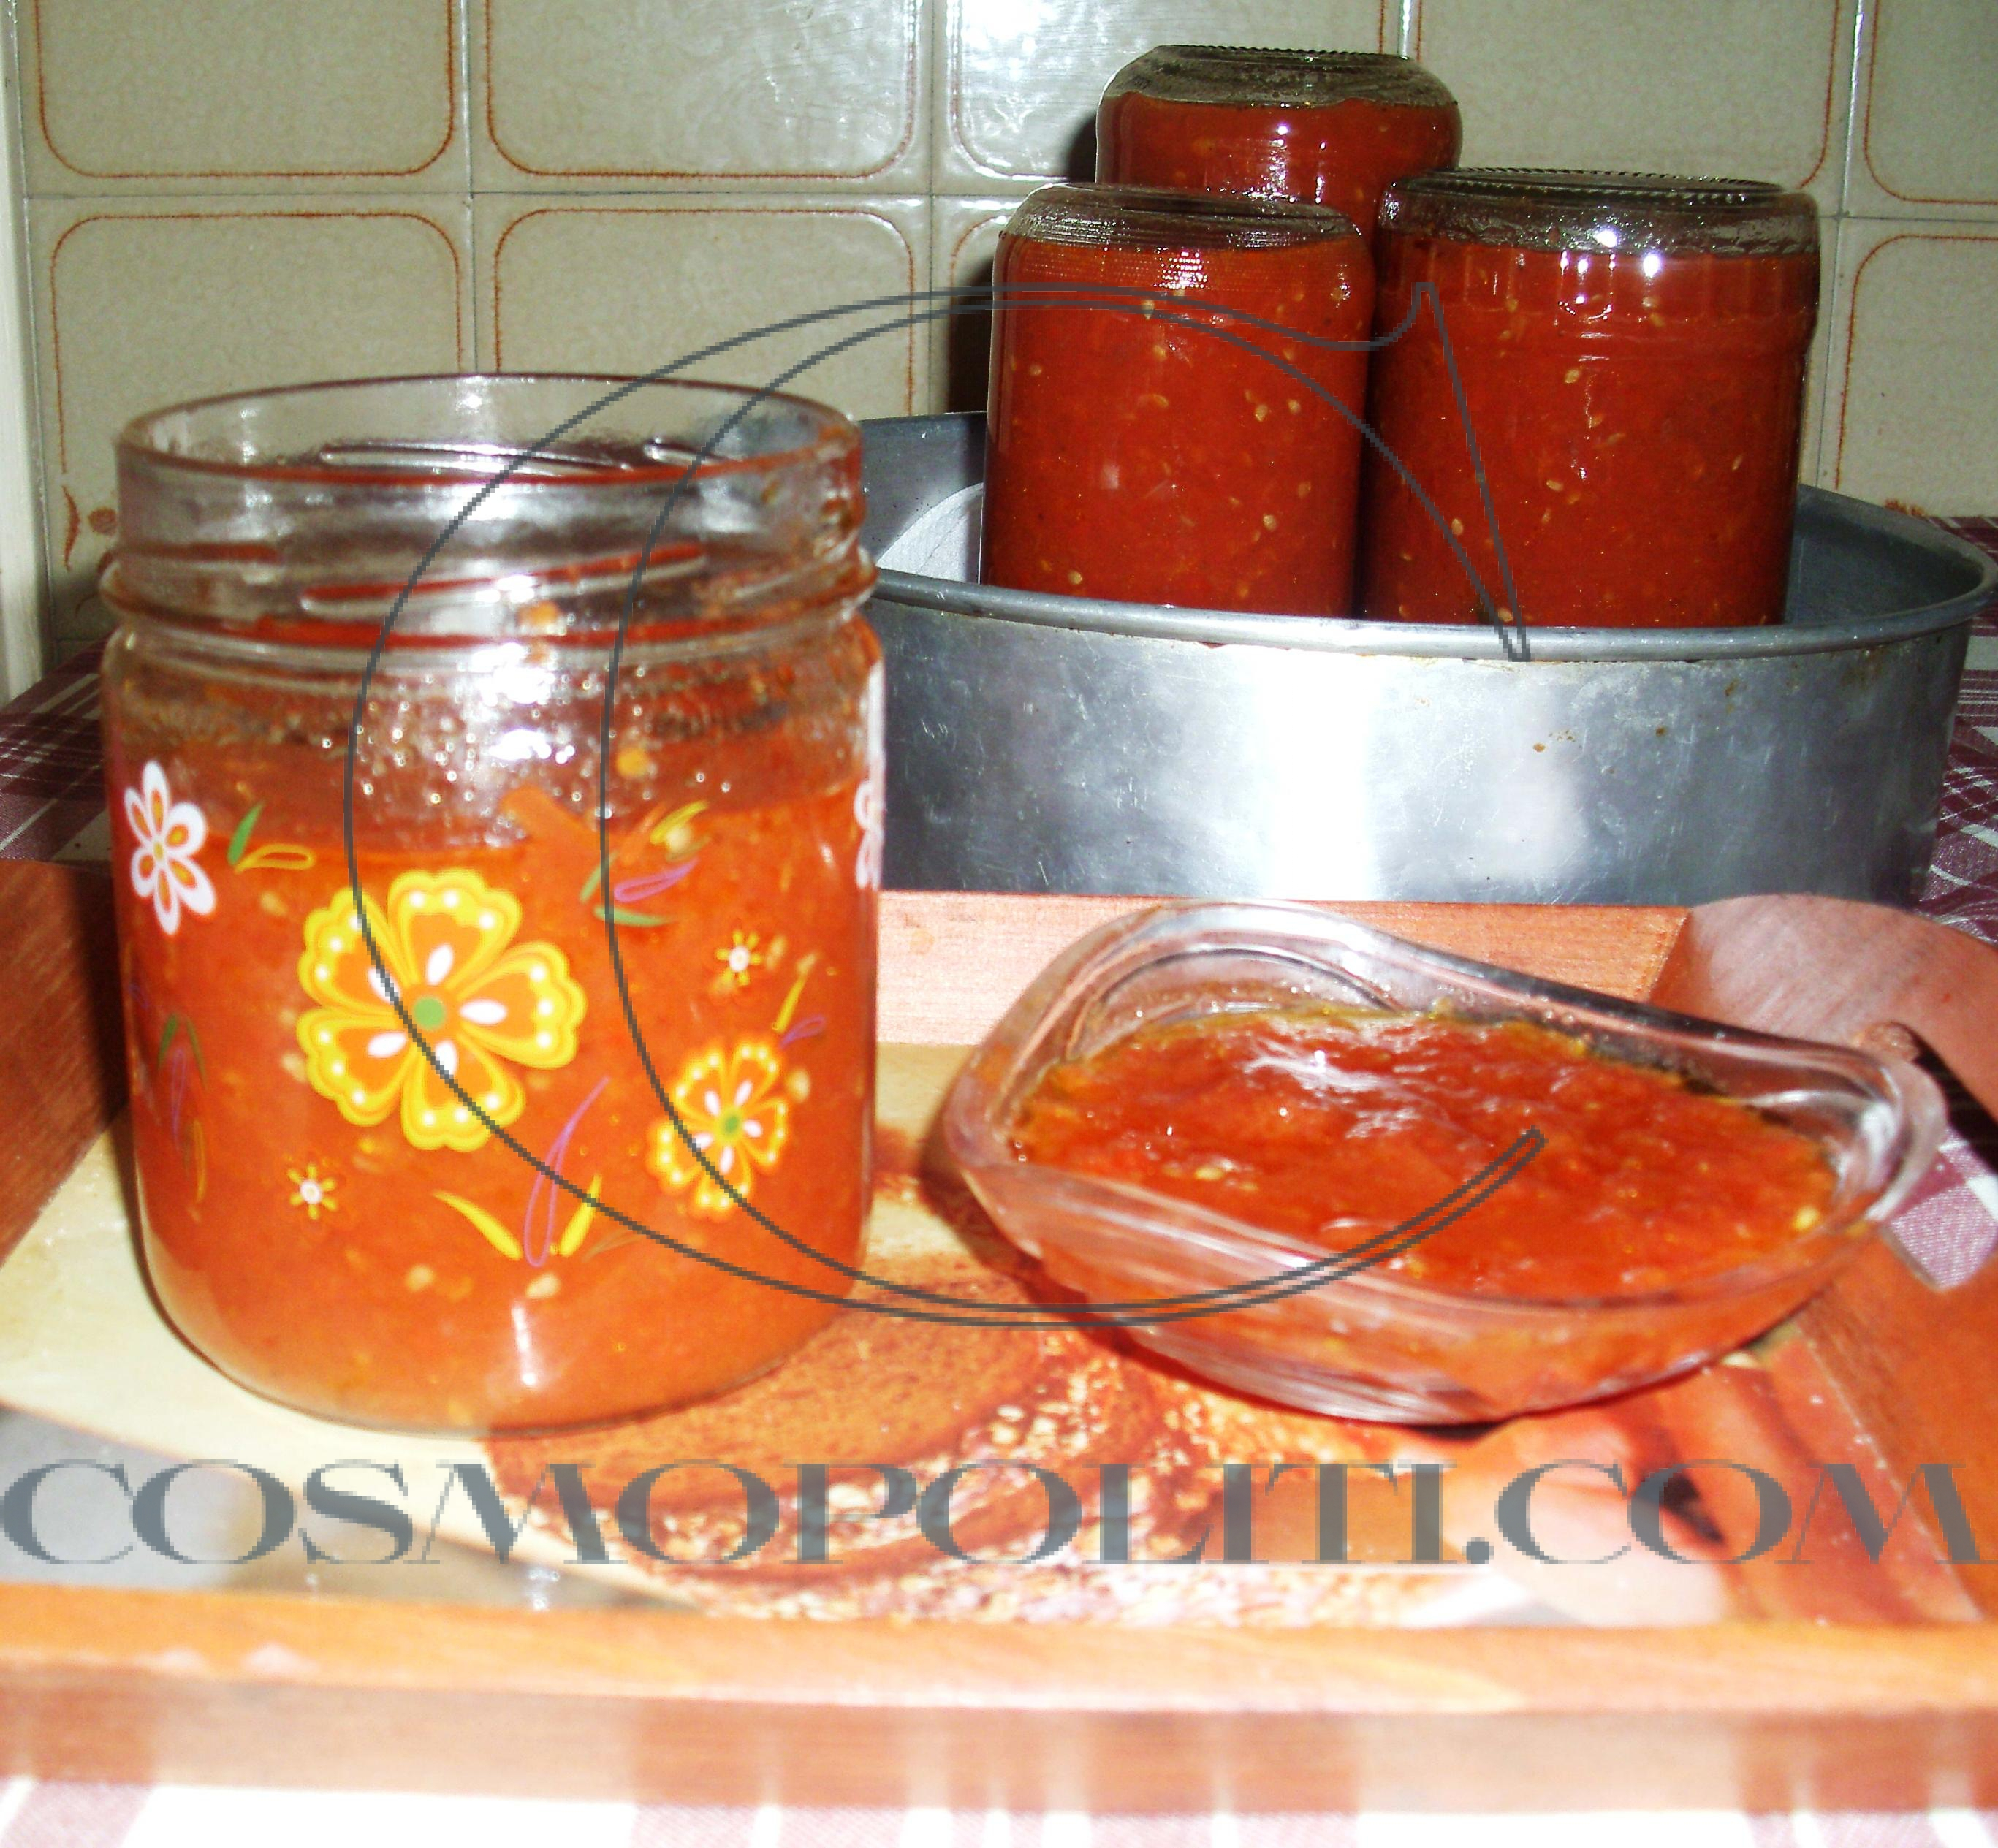 Πώς να φτιάξετε εύκολη σπιτική κόκκινη σάλτσα